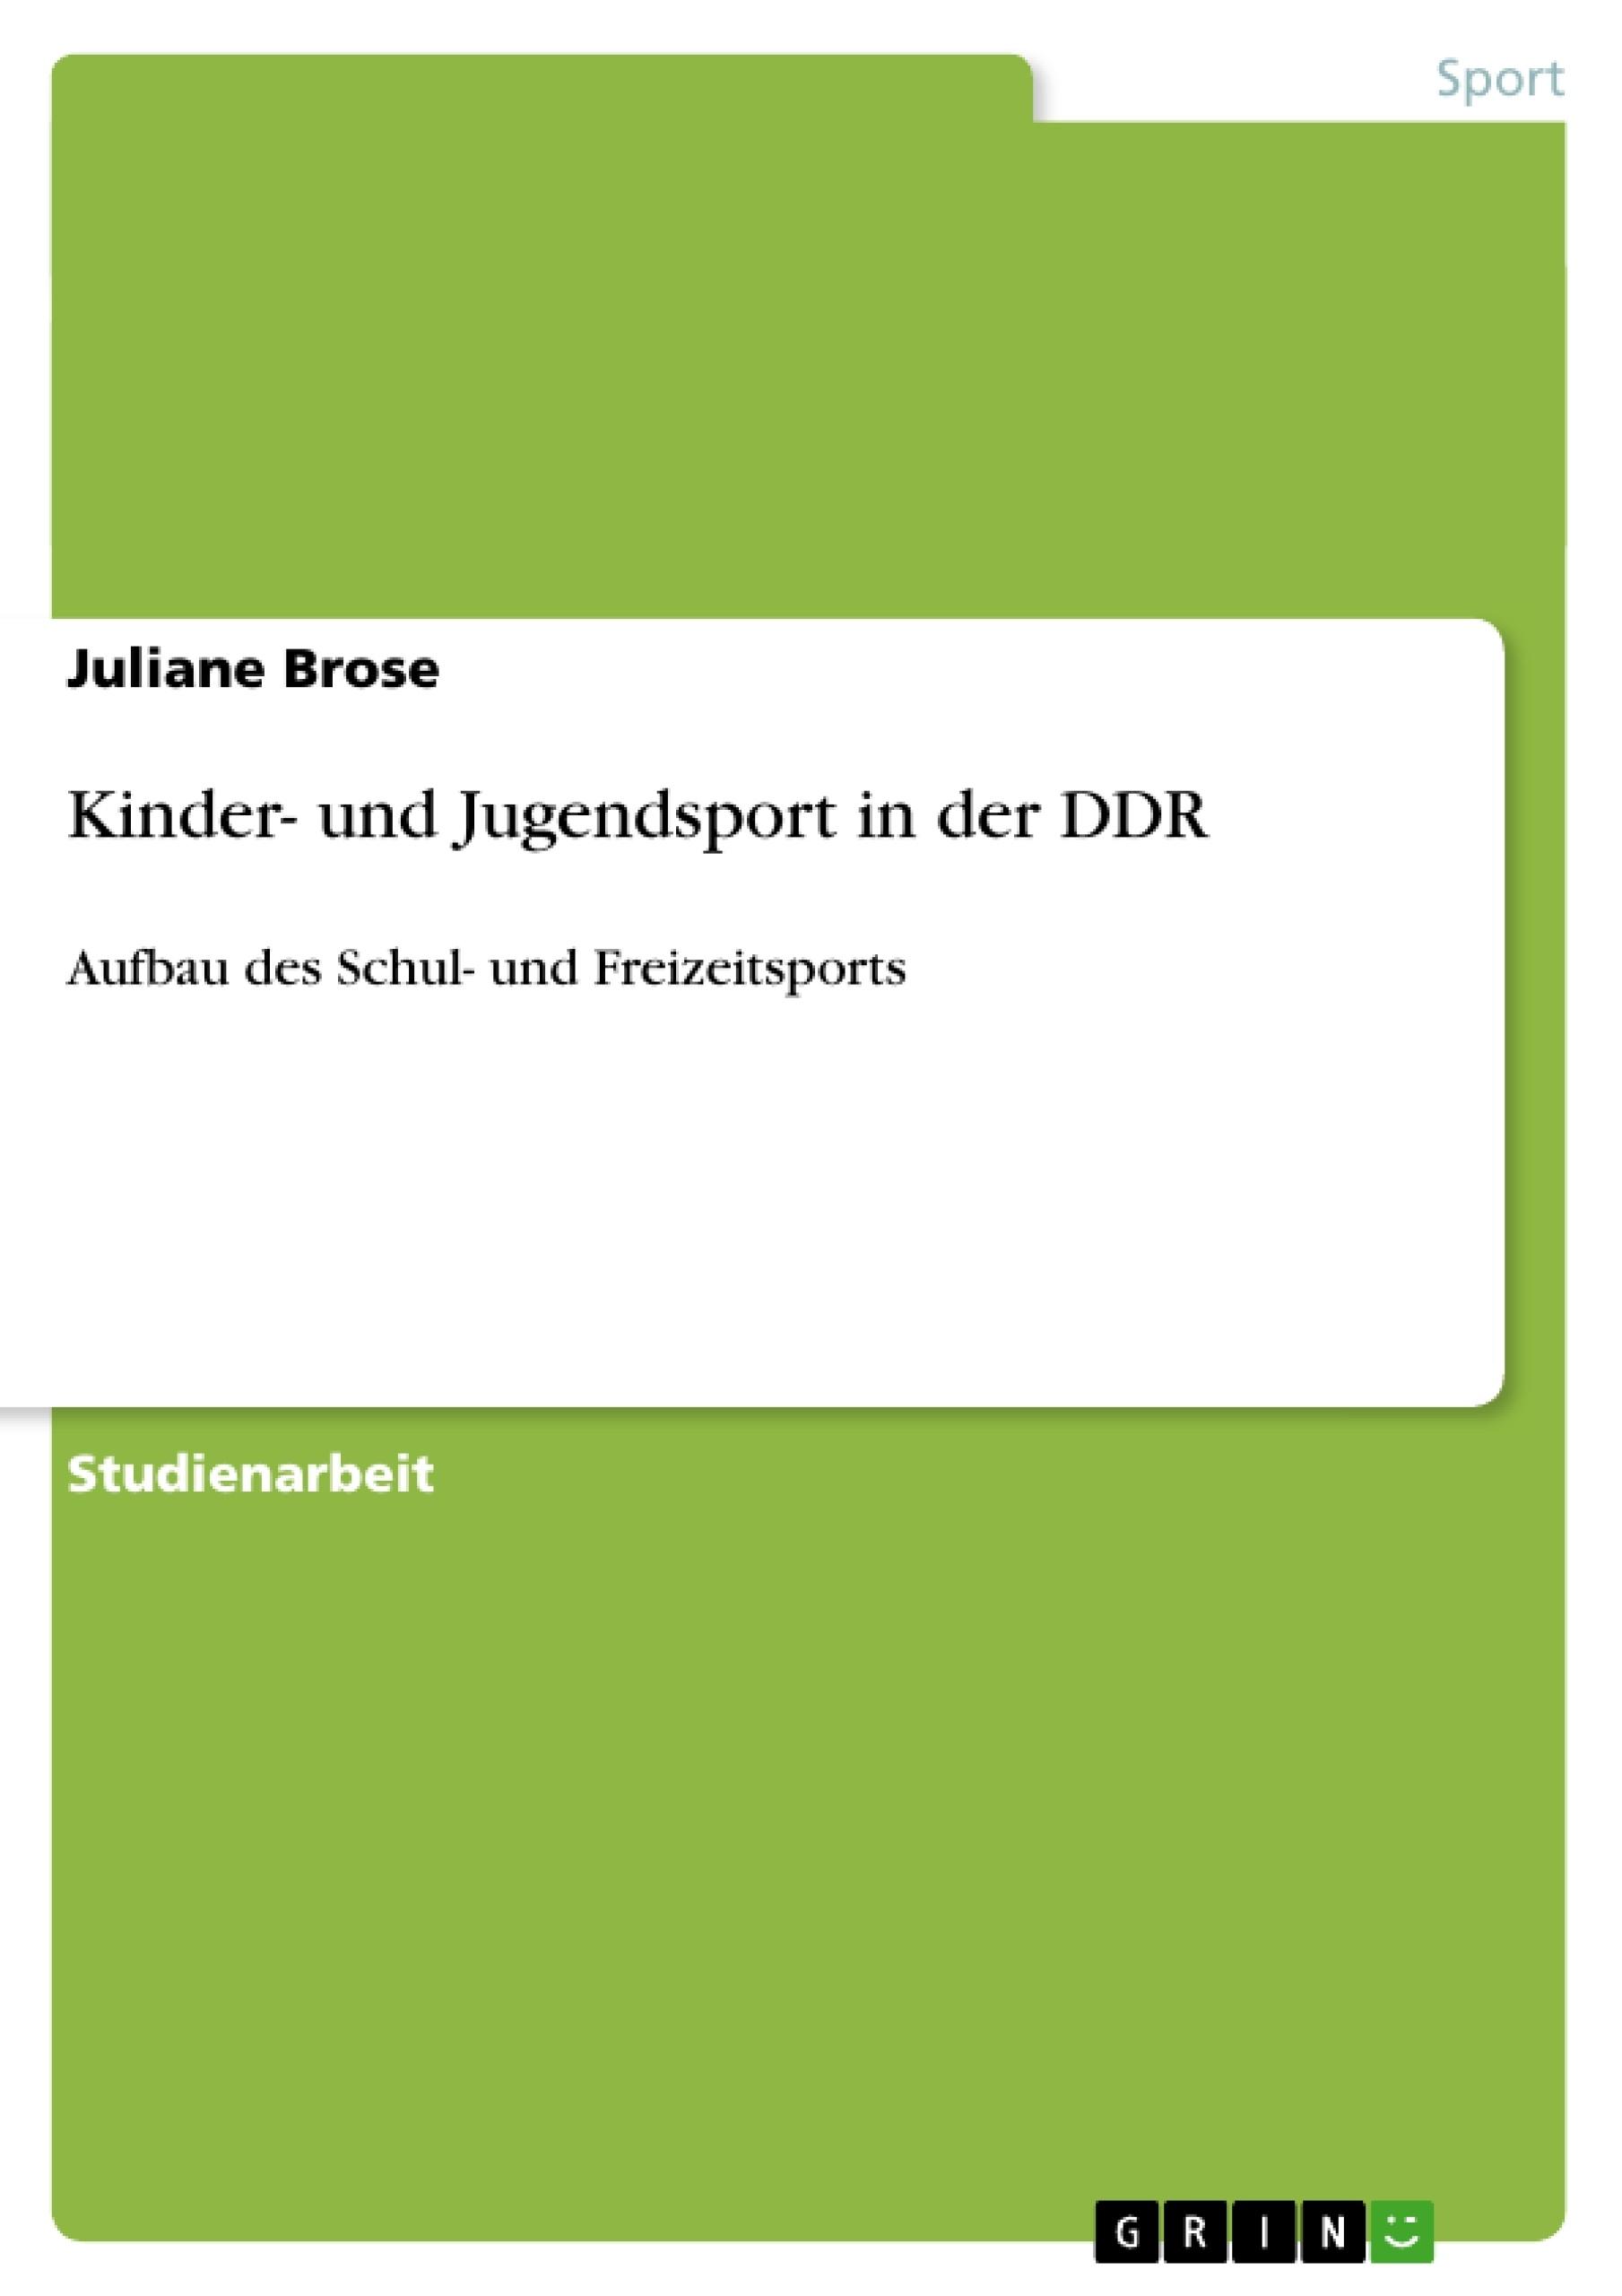 Titel: Kinder- und Jugendsport in der DDR